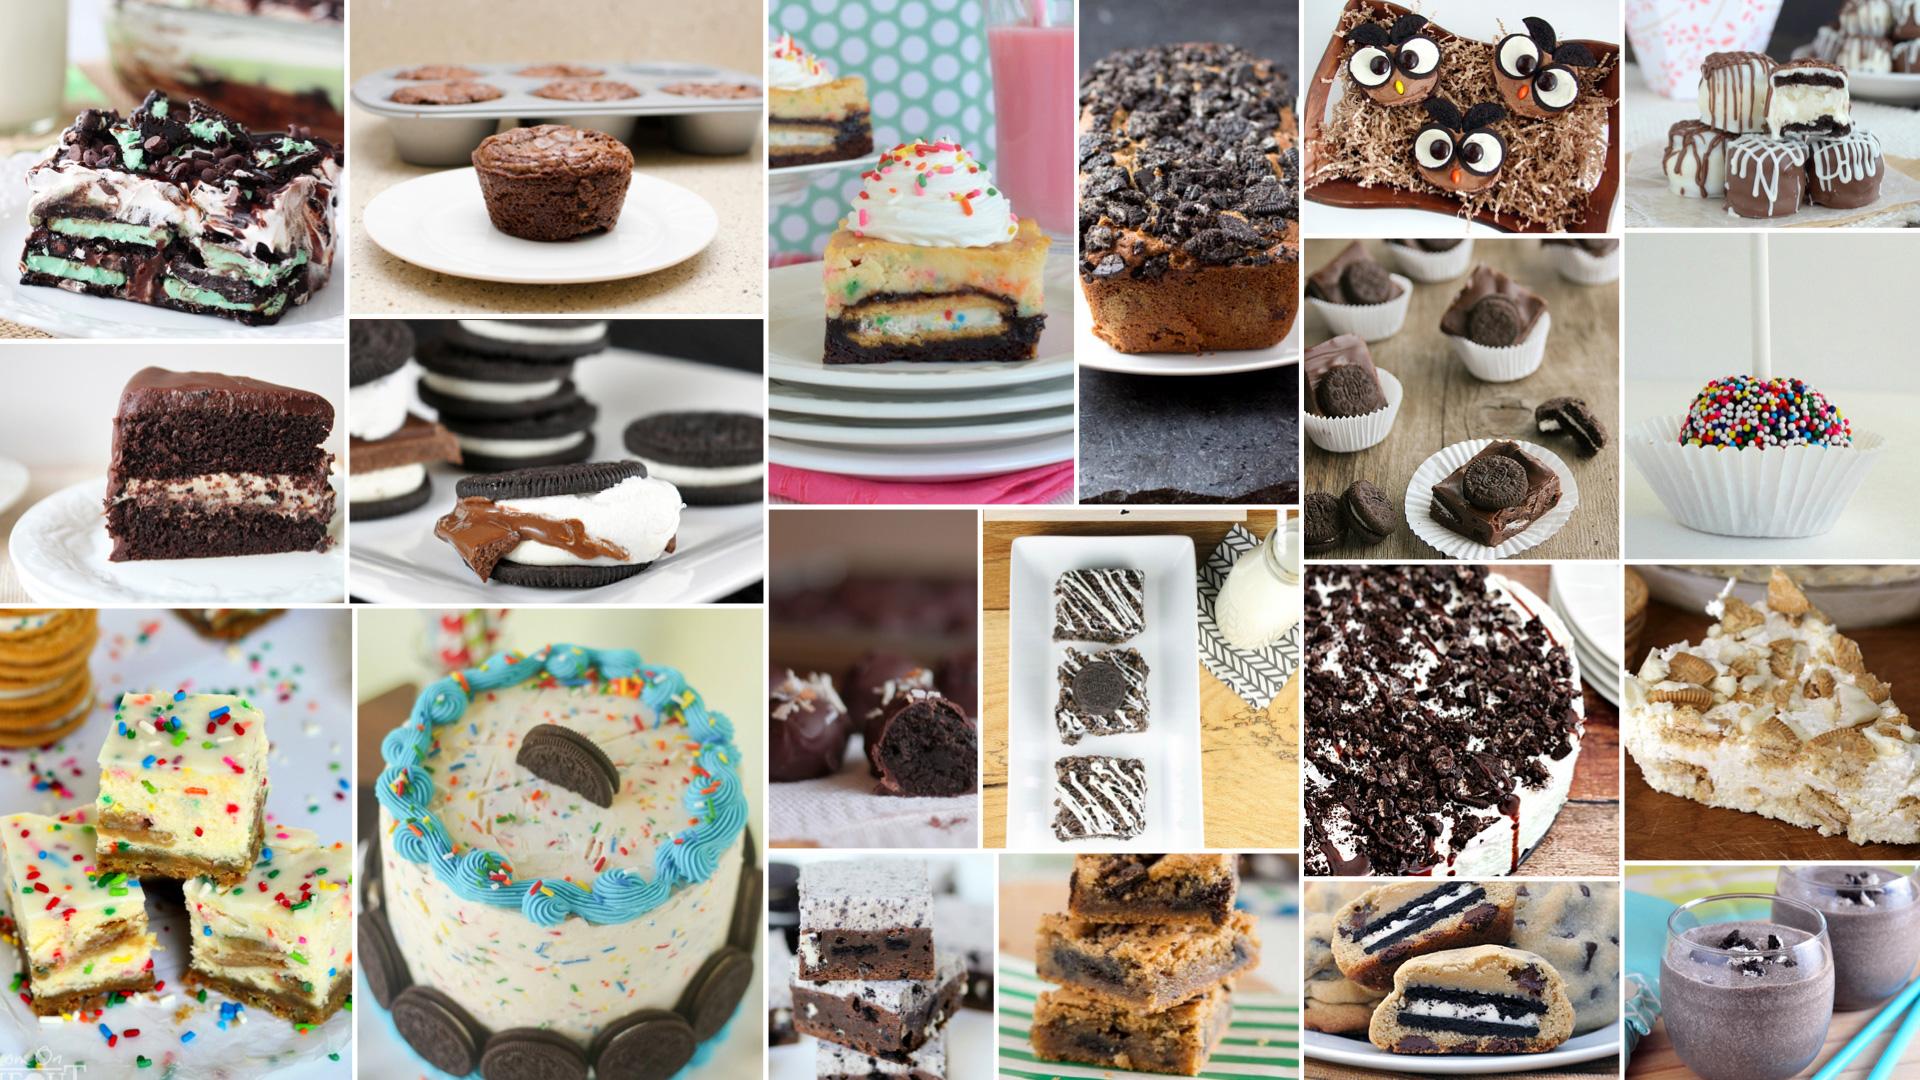 20 best recipes using Oreos | SheKnows.com